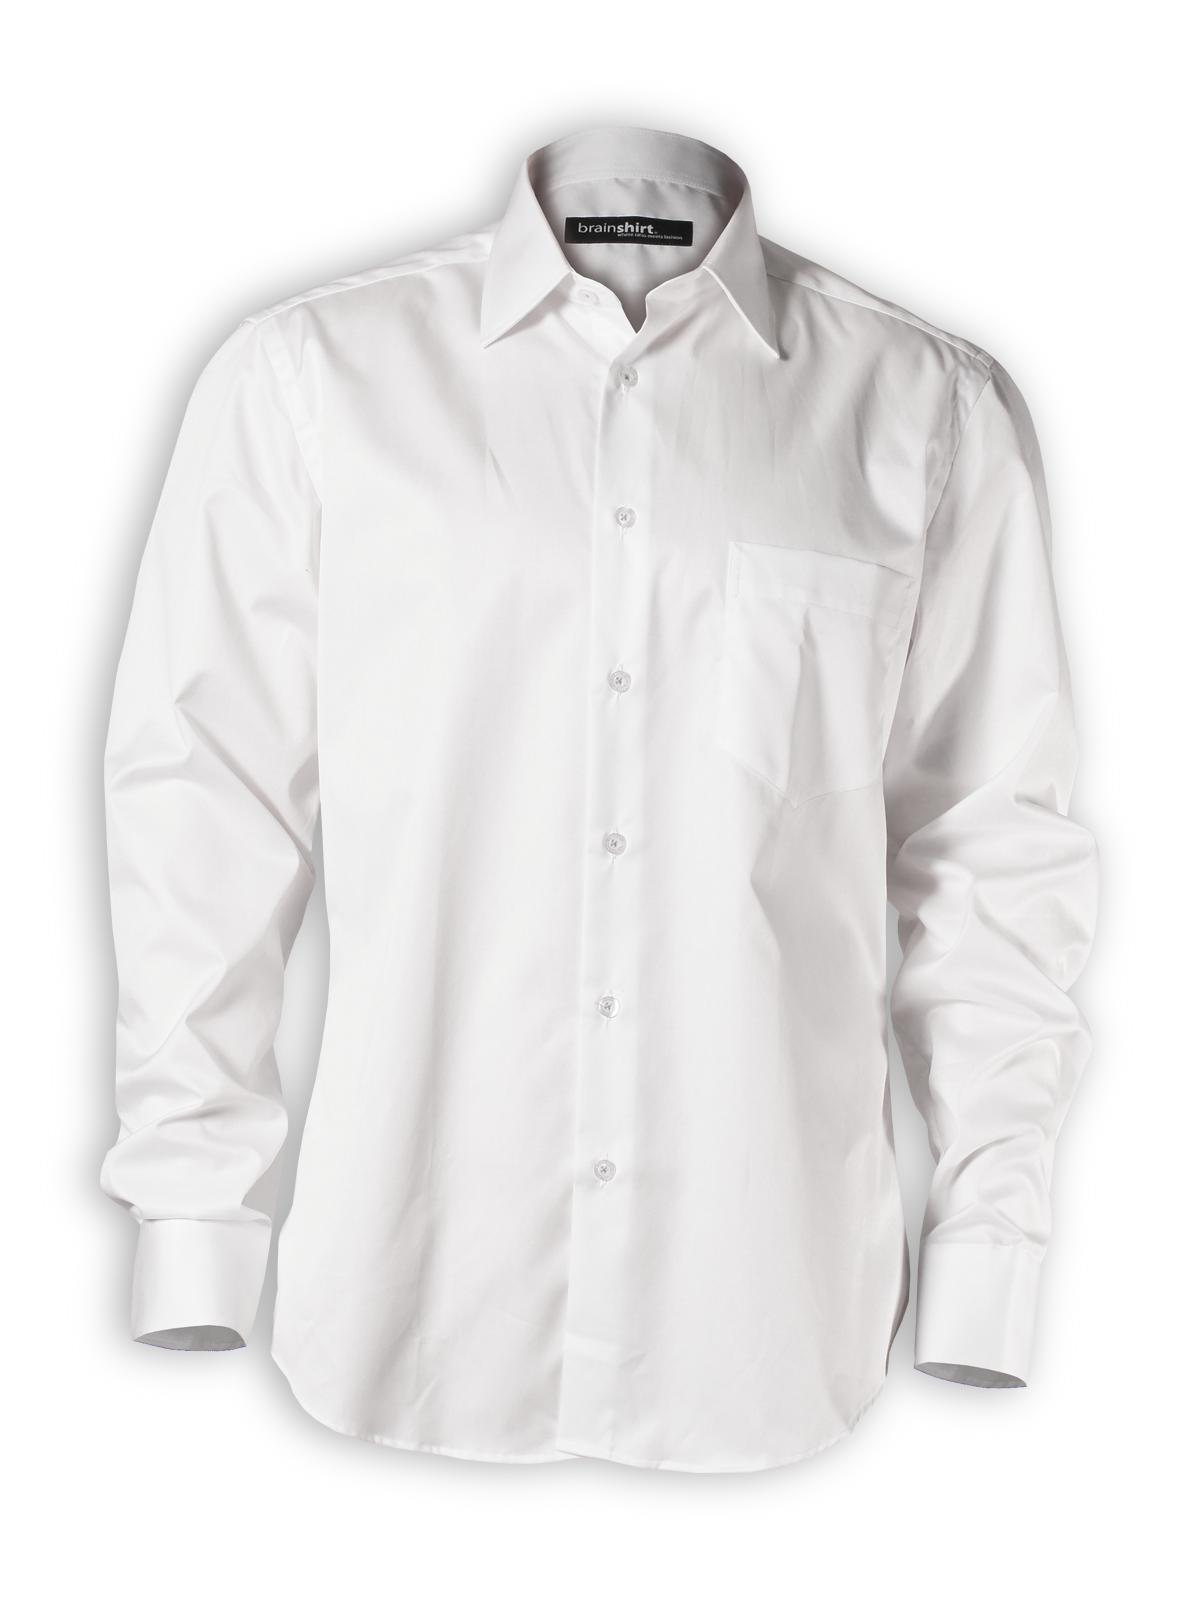 Hemd Arctic Ice von brainshirt in weiß - PNG Hemd